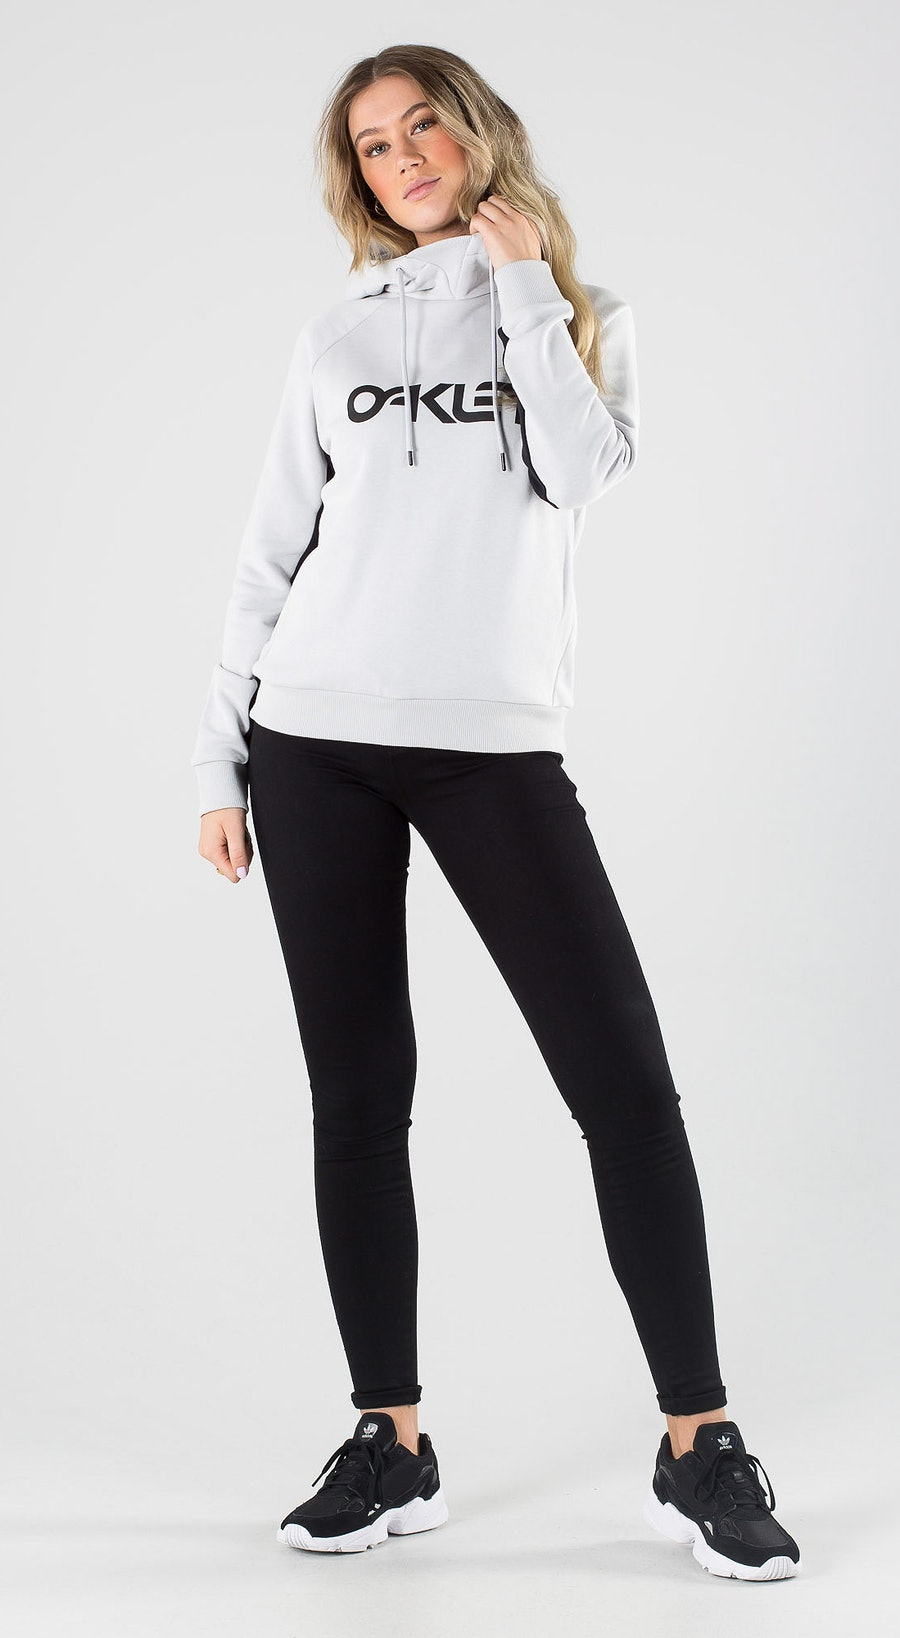 Oakley DWR Fleece Lunar Rock Outfit Multi